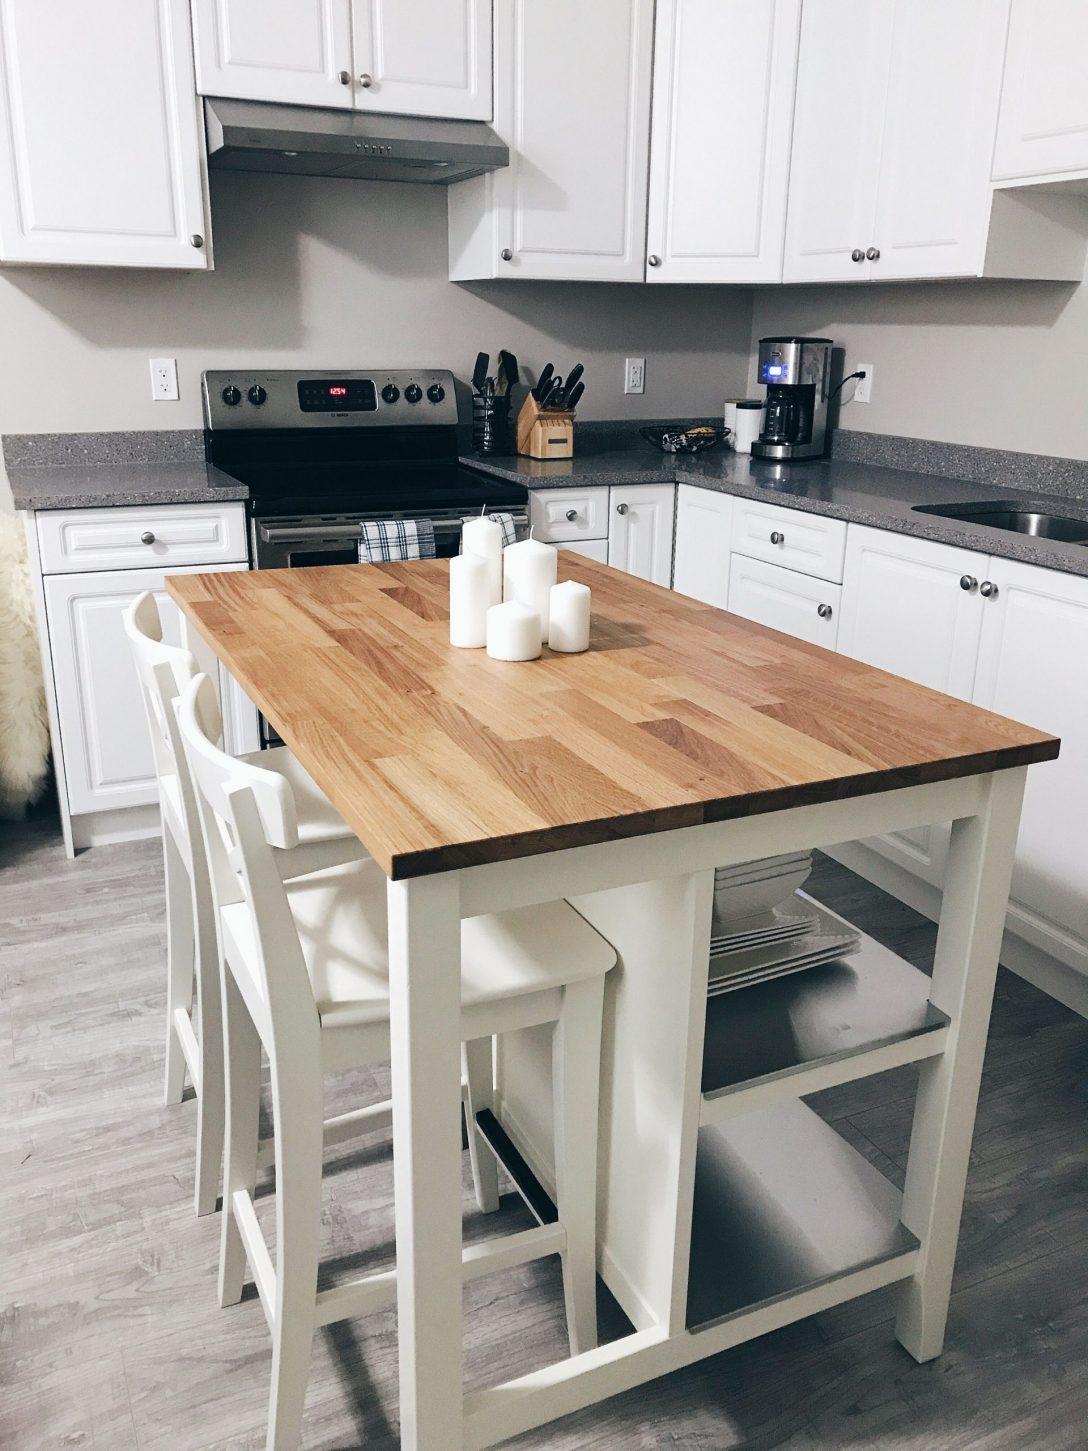 Large Size of Ikea Küche Kosten Kaufen Betten 160x200 Bei Modulküche Miniküche Sofa Mit Schlaffunktion Wohnzimmer Kücheninsel Ikea